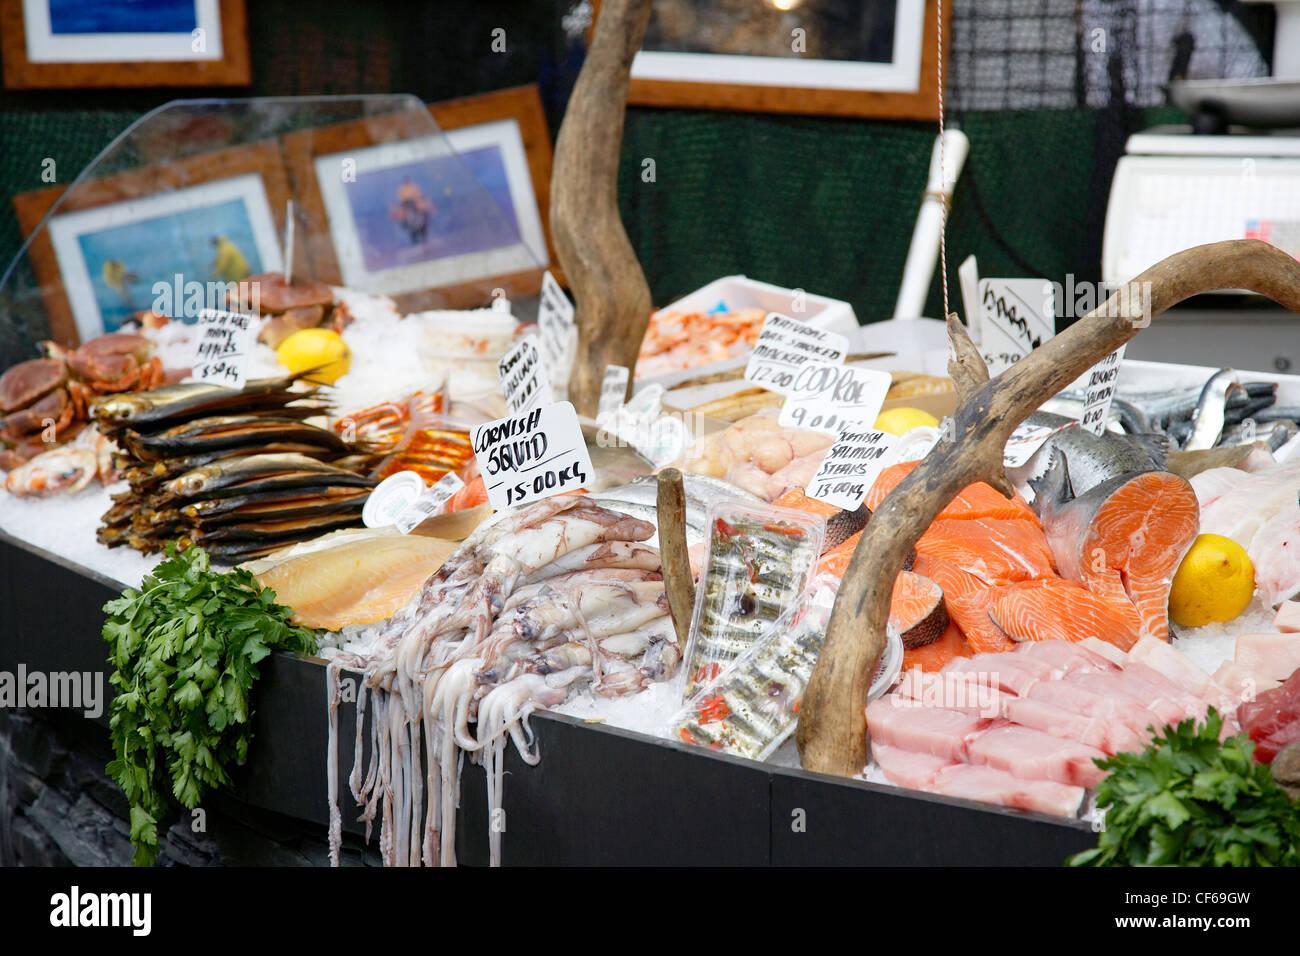 Eine detaillierte Ansicht der Fischtheke im Borough Market. Stockbild